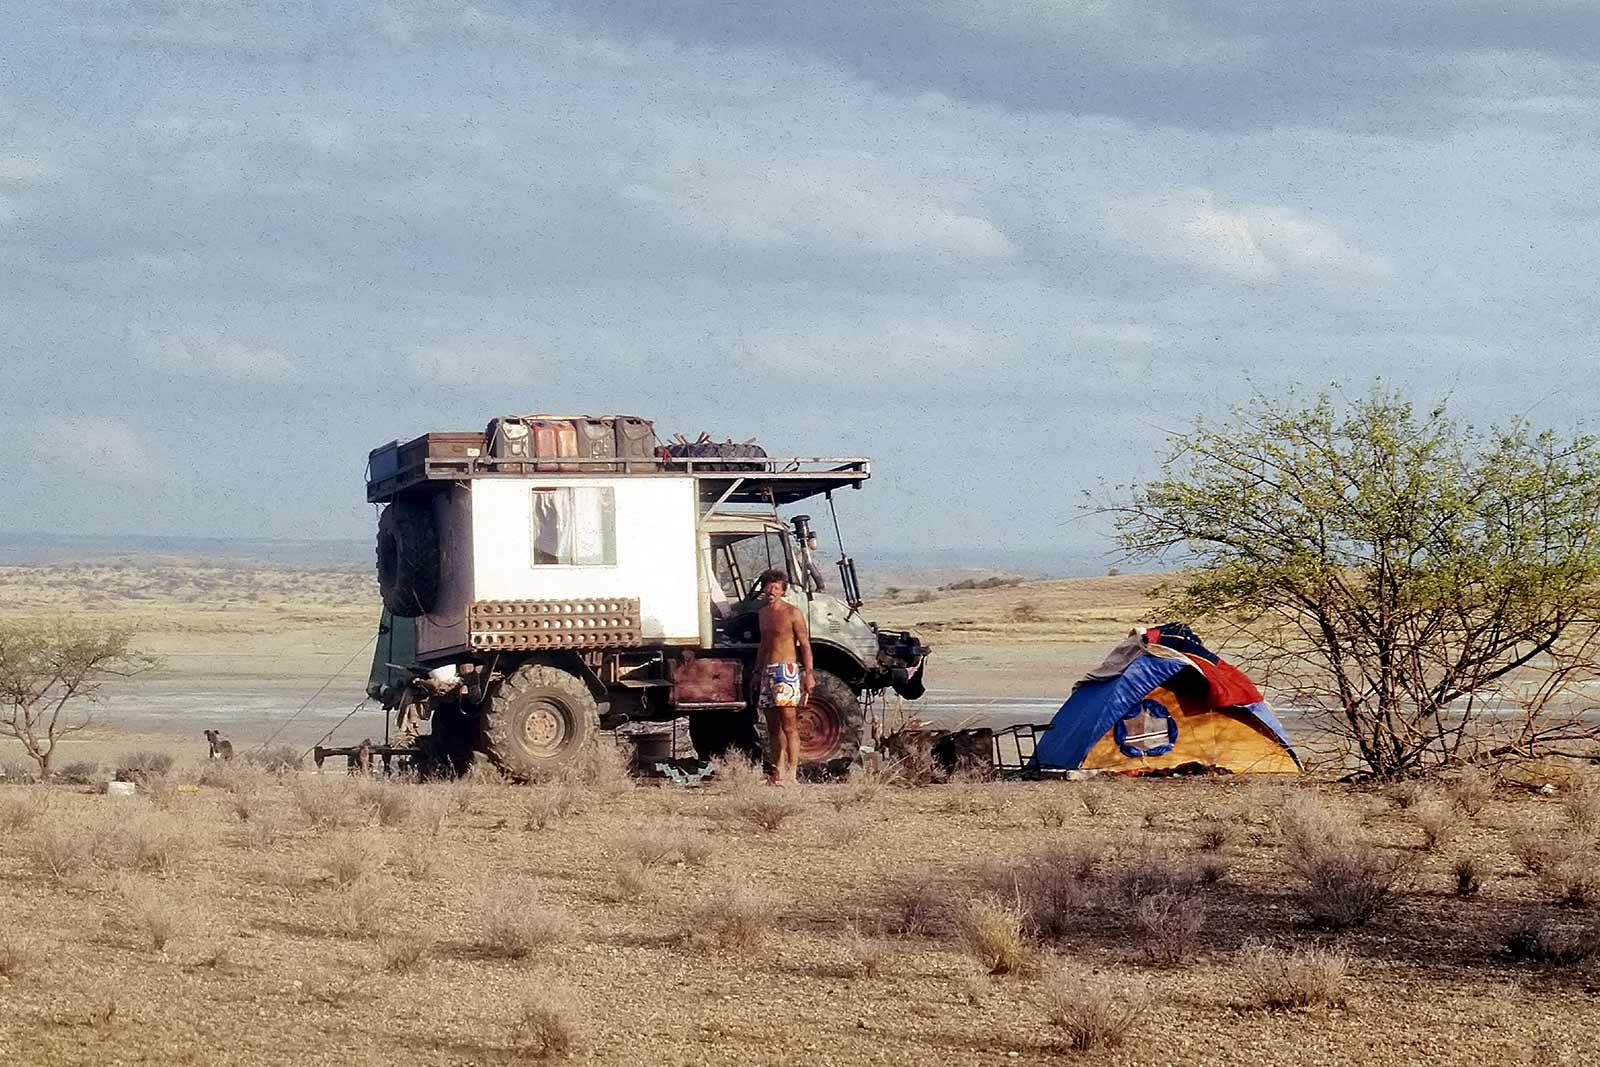 camping-unimog-desert-eypt-sudan-border